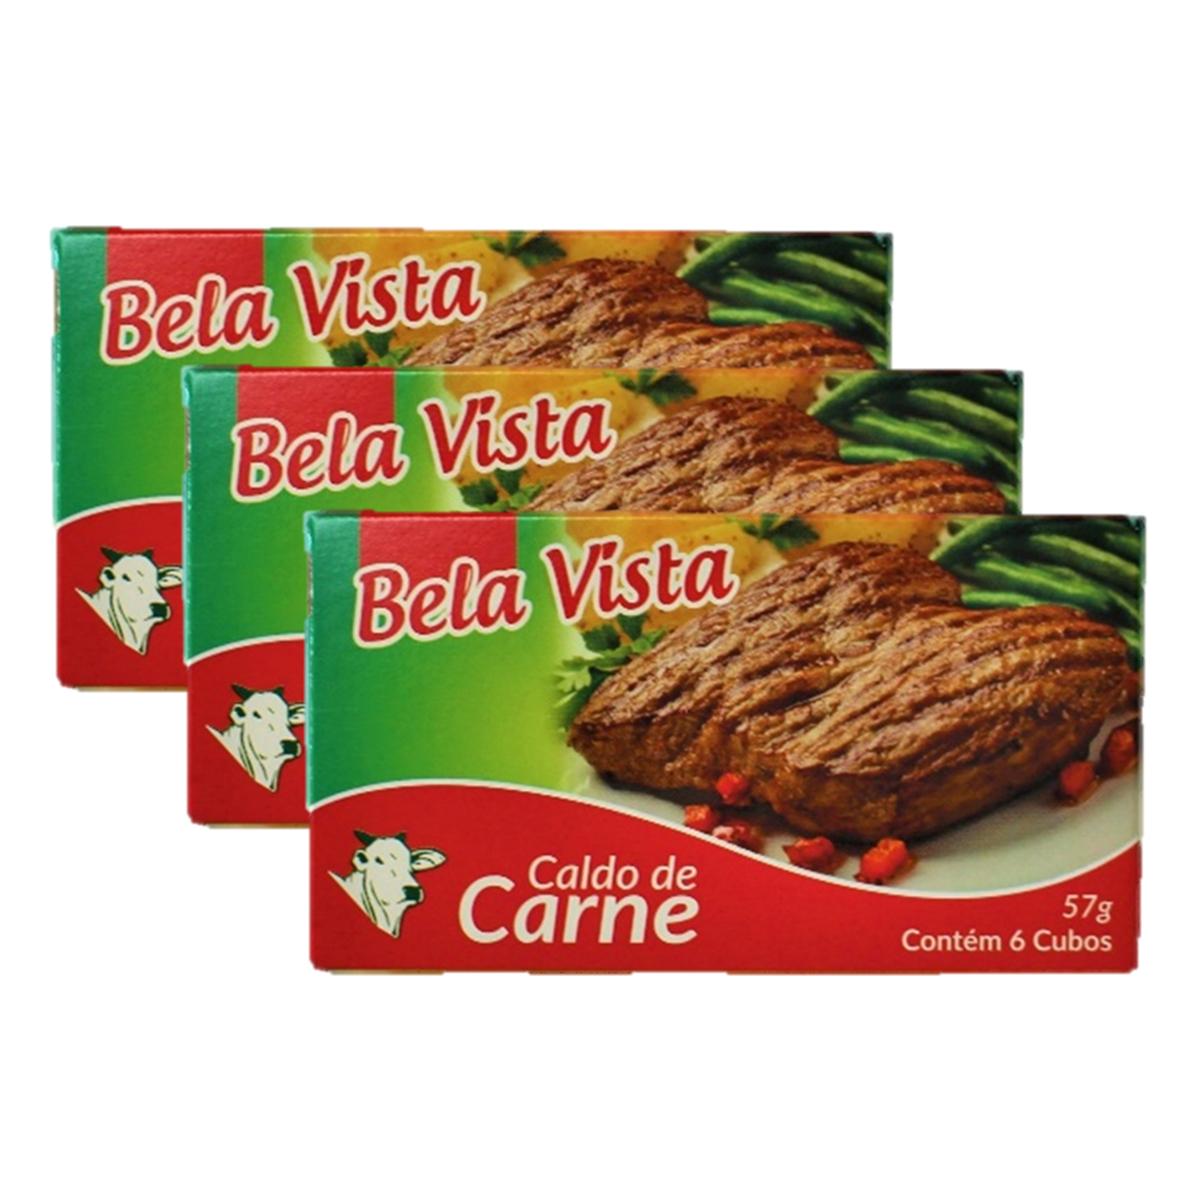 スープやお料理に 3個セット 乾燥スープの素 コンソメ 57g 6個入り Vista de Carne Caldo Bela クリアランスsale!期間限定! 即出荷 ×3